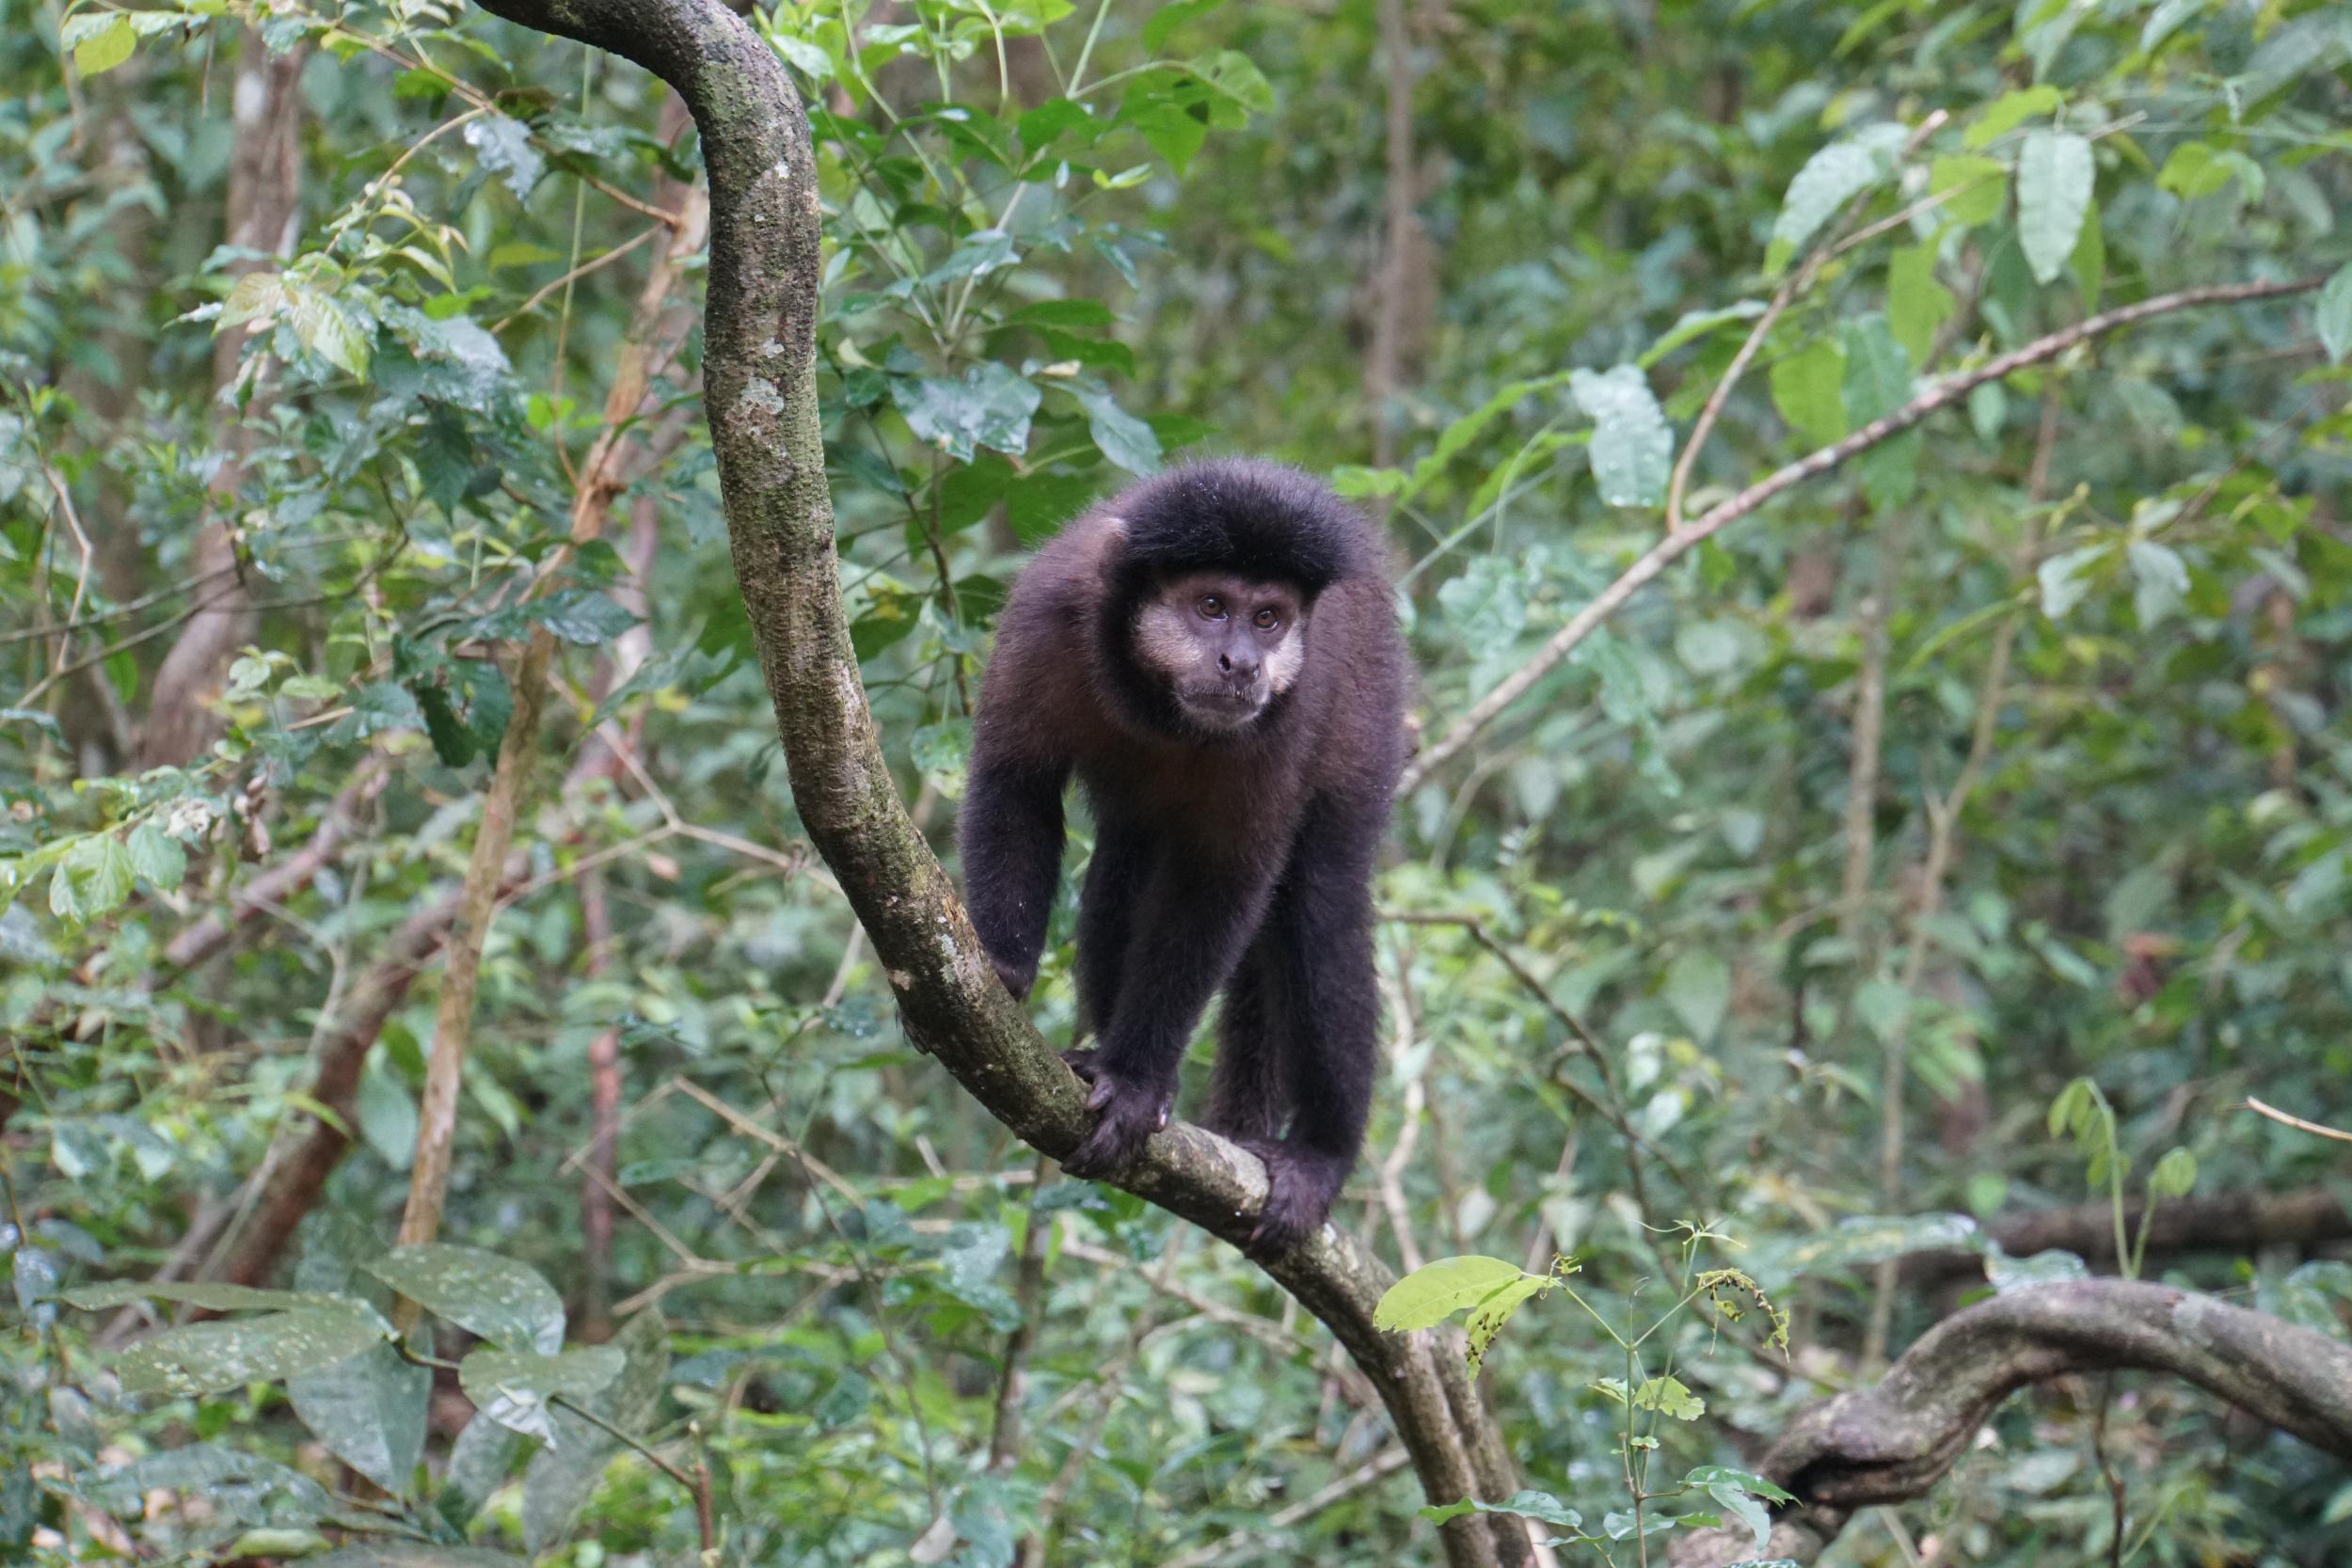 56. Capuchin Monkey at Iguacu